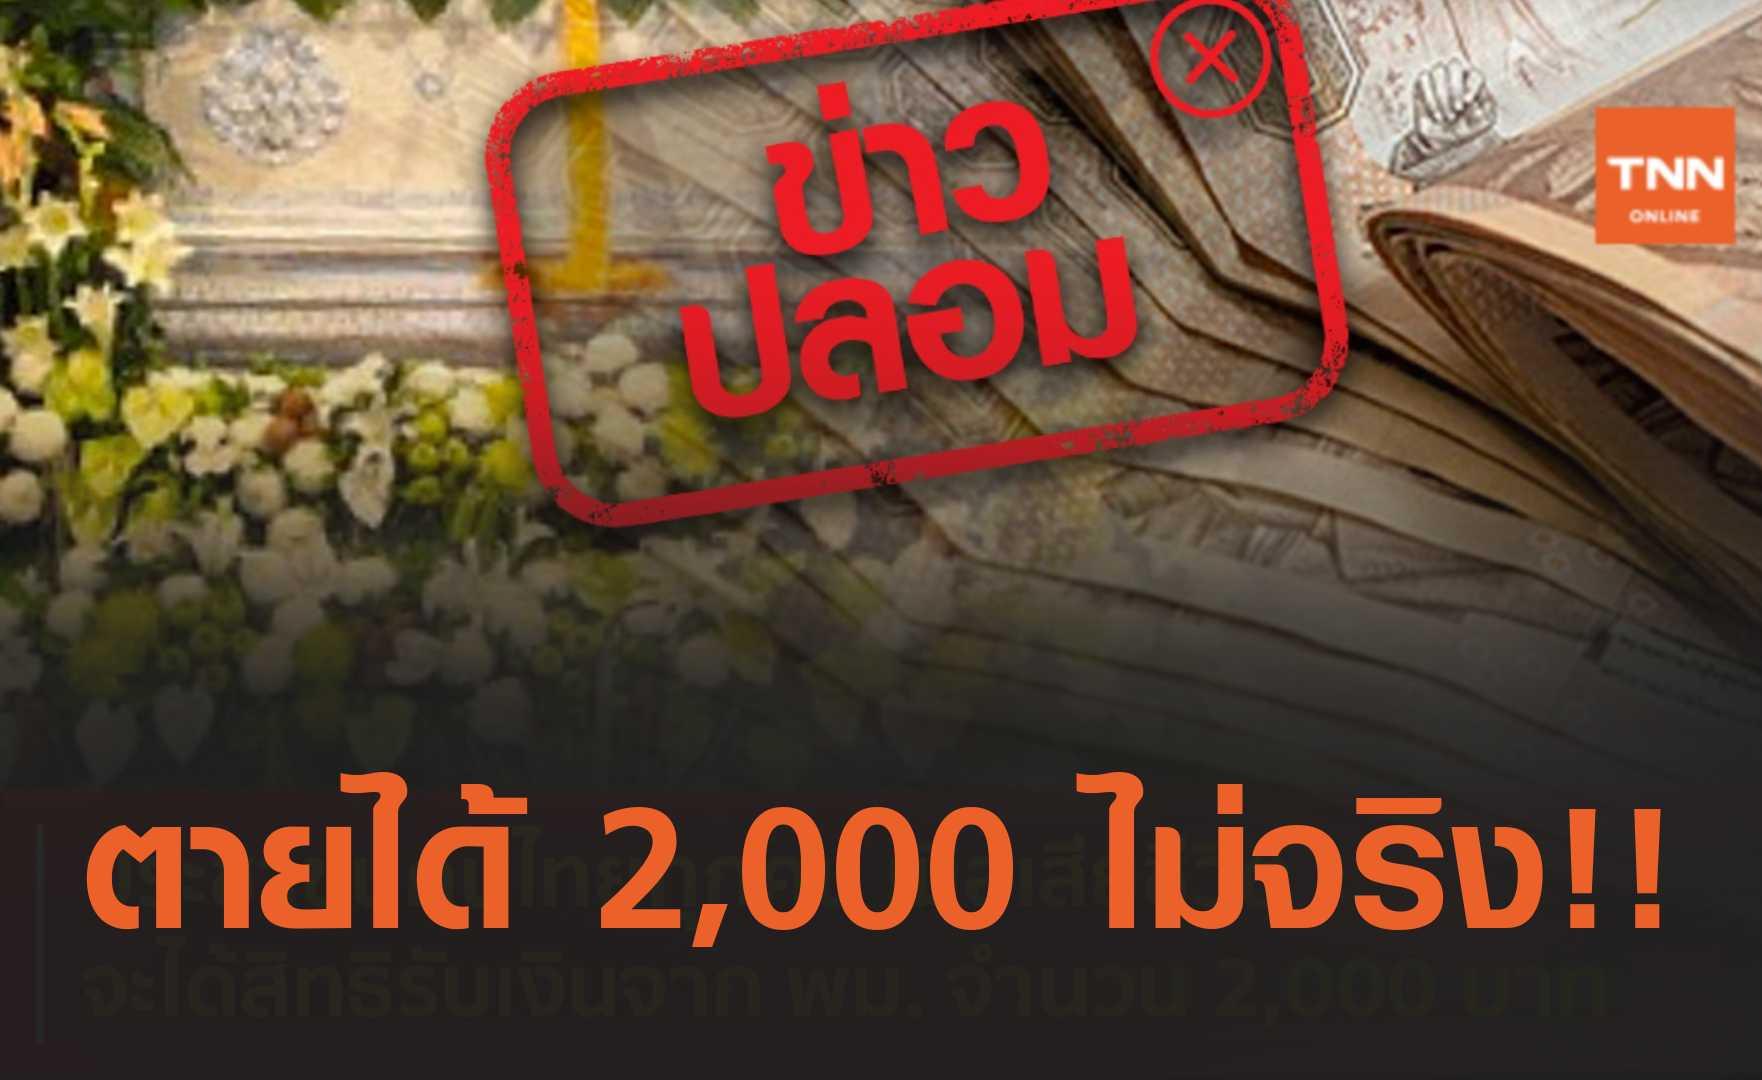 ข่าวปลอม อย่าแชร์! คนไทยทุกคน เมื่อเสียชีวิตจะได้รับเงิน 2,000 บาท